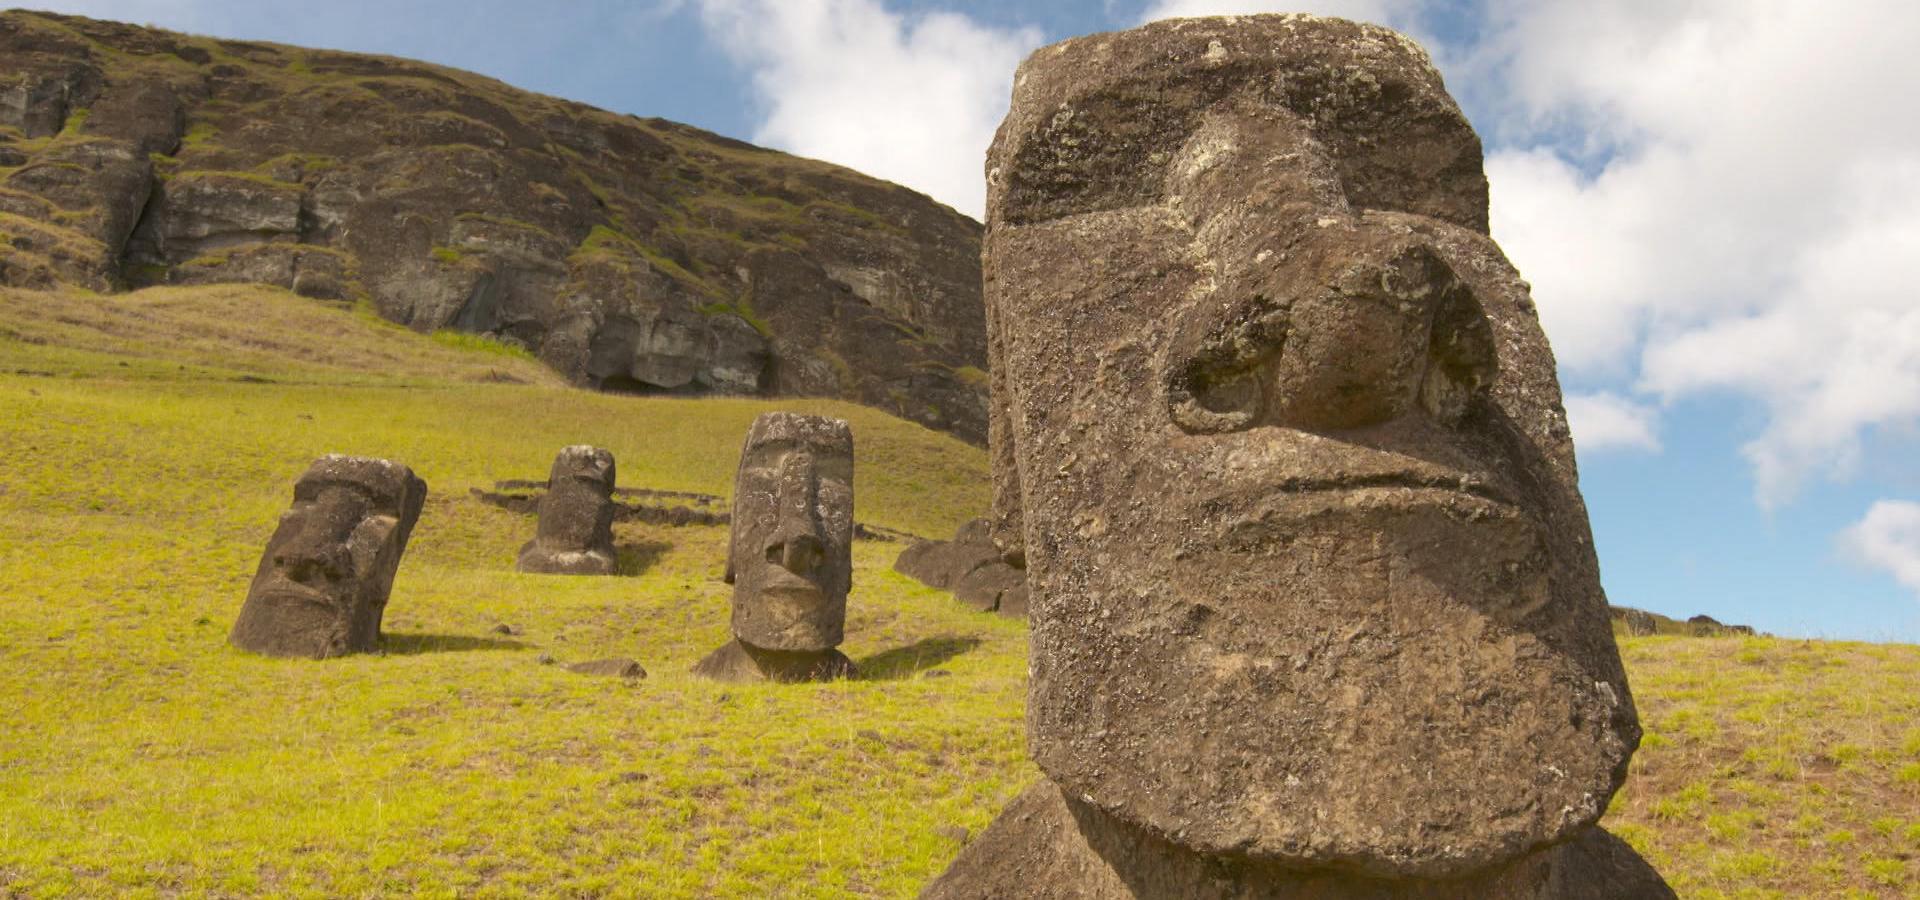 کشف اسرار مجسمههای موآی در جزیره ایستر